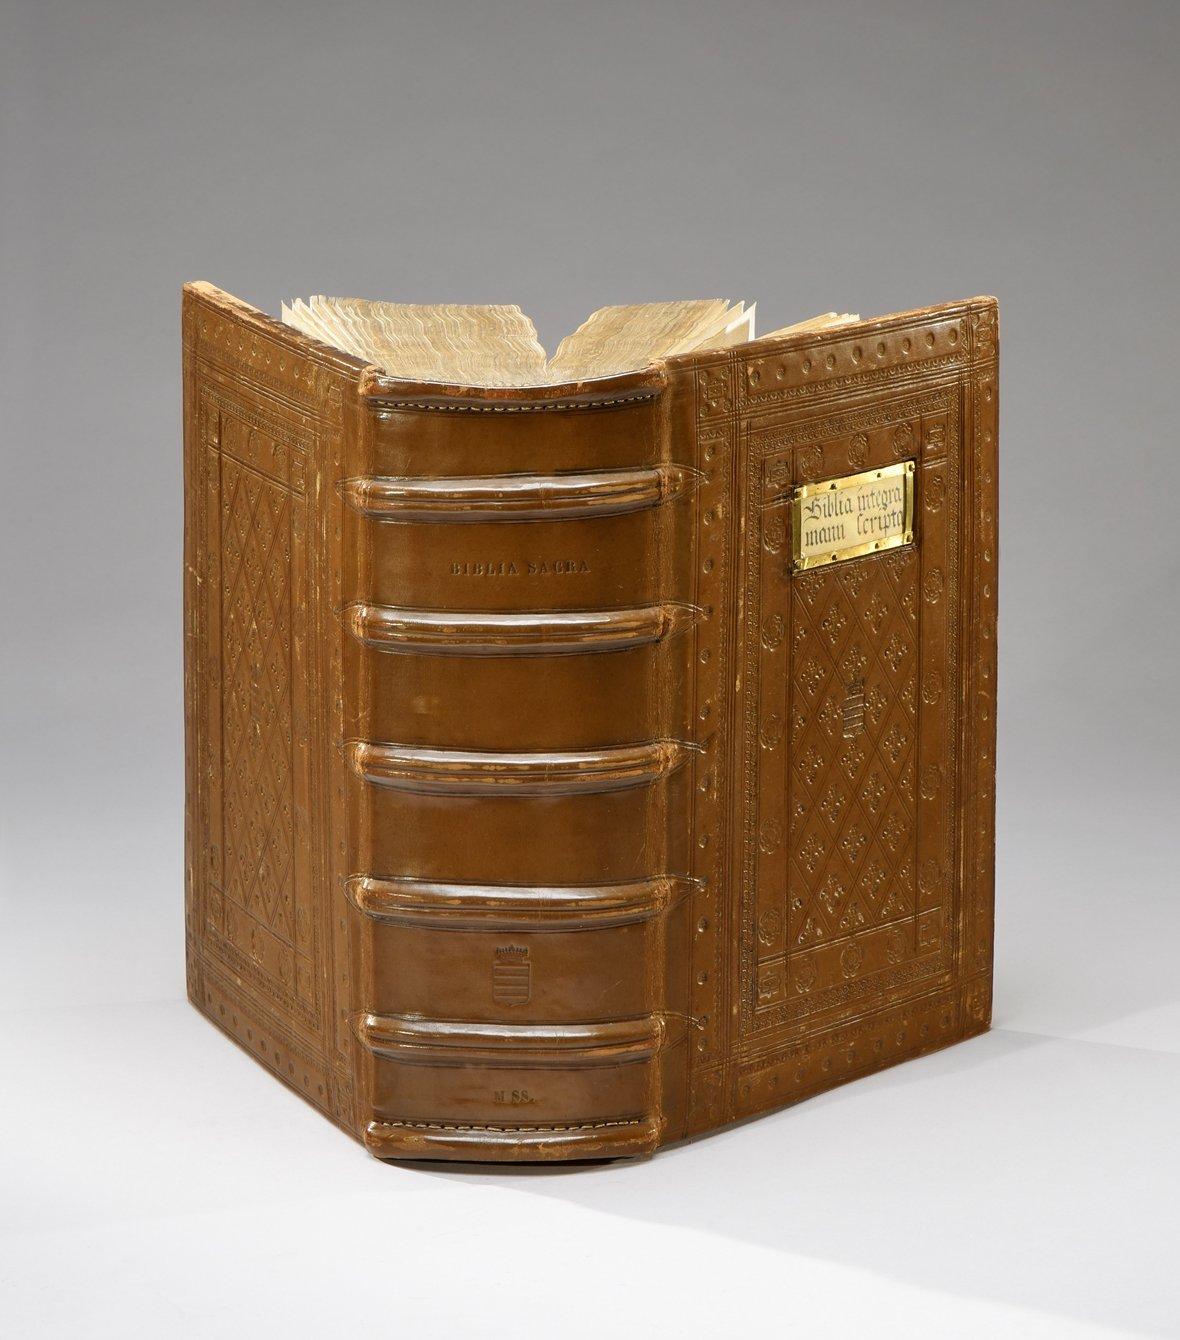 bible-manuscrite-biblia-integra-manu-scripta-manuscrit-latin-du-xve-siecle-s-l-s-n-s-d-xve-siecle-manuscrit-un-volume-petit-in-folio-300-x-220-mm-de-506-ff-a-2-colonnes-par-page-reliure-de-la-premiere-moitie-du-xixe--238